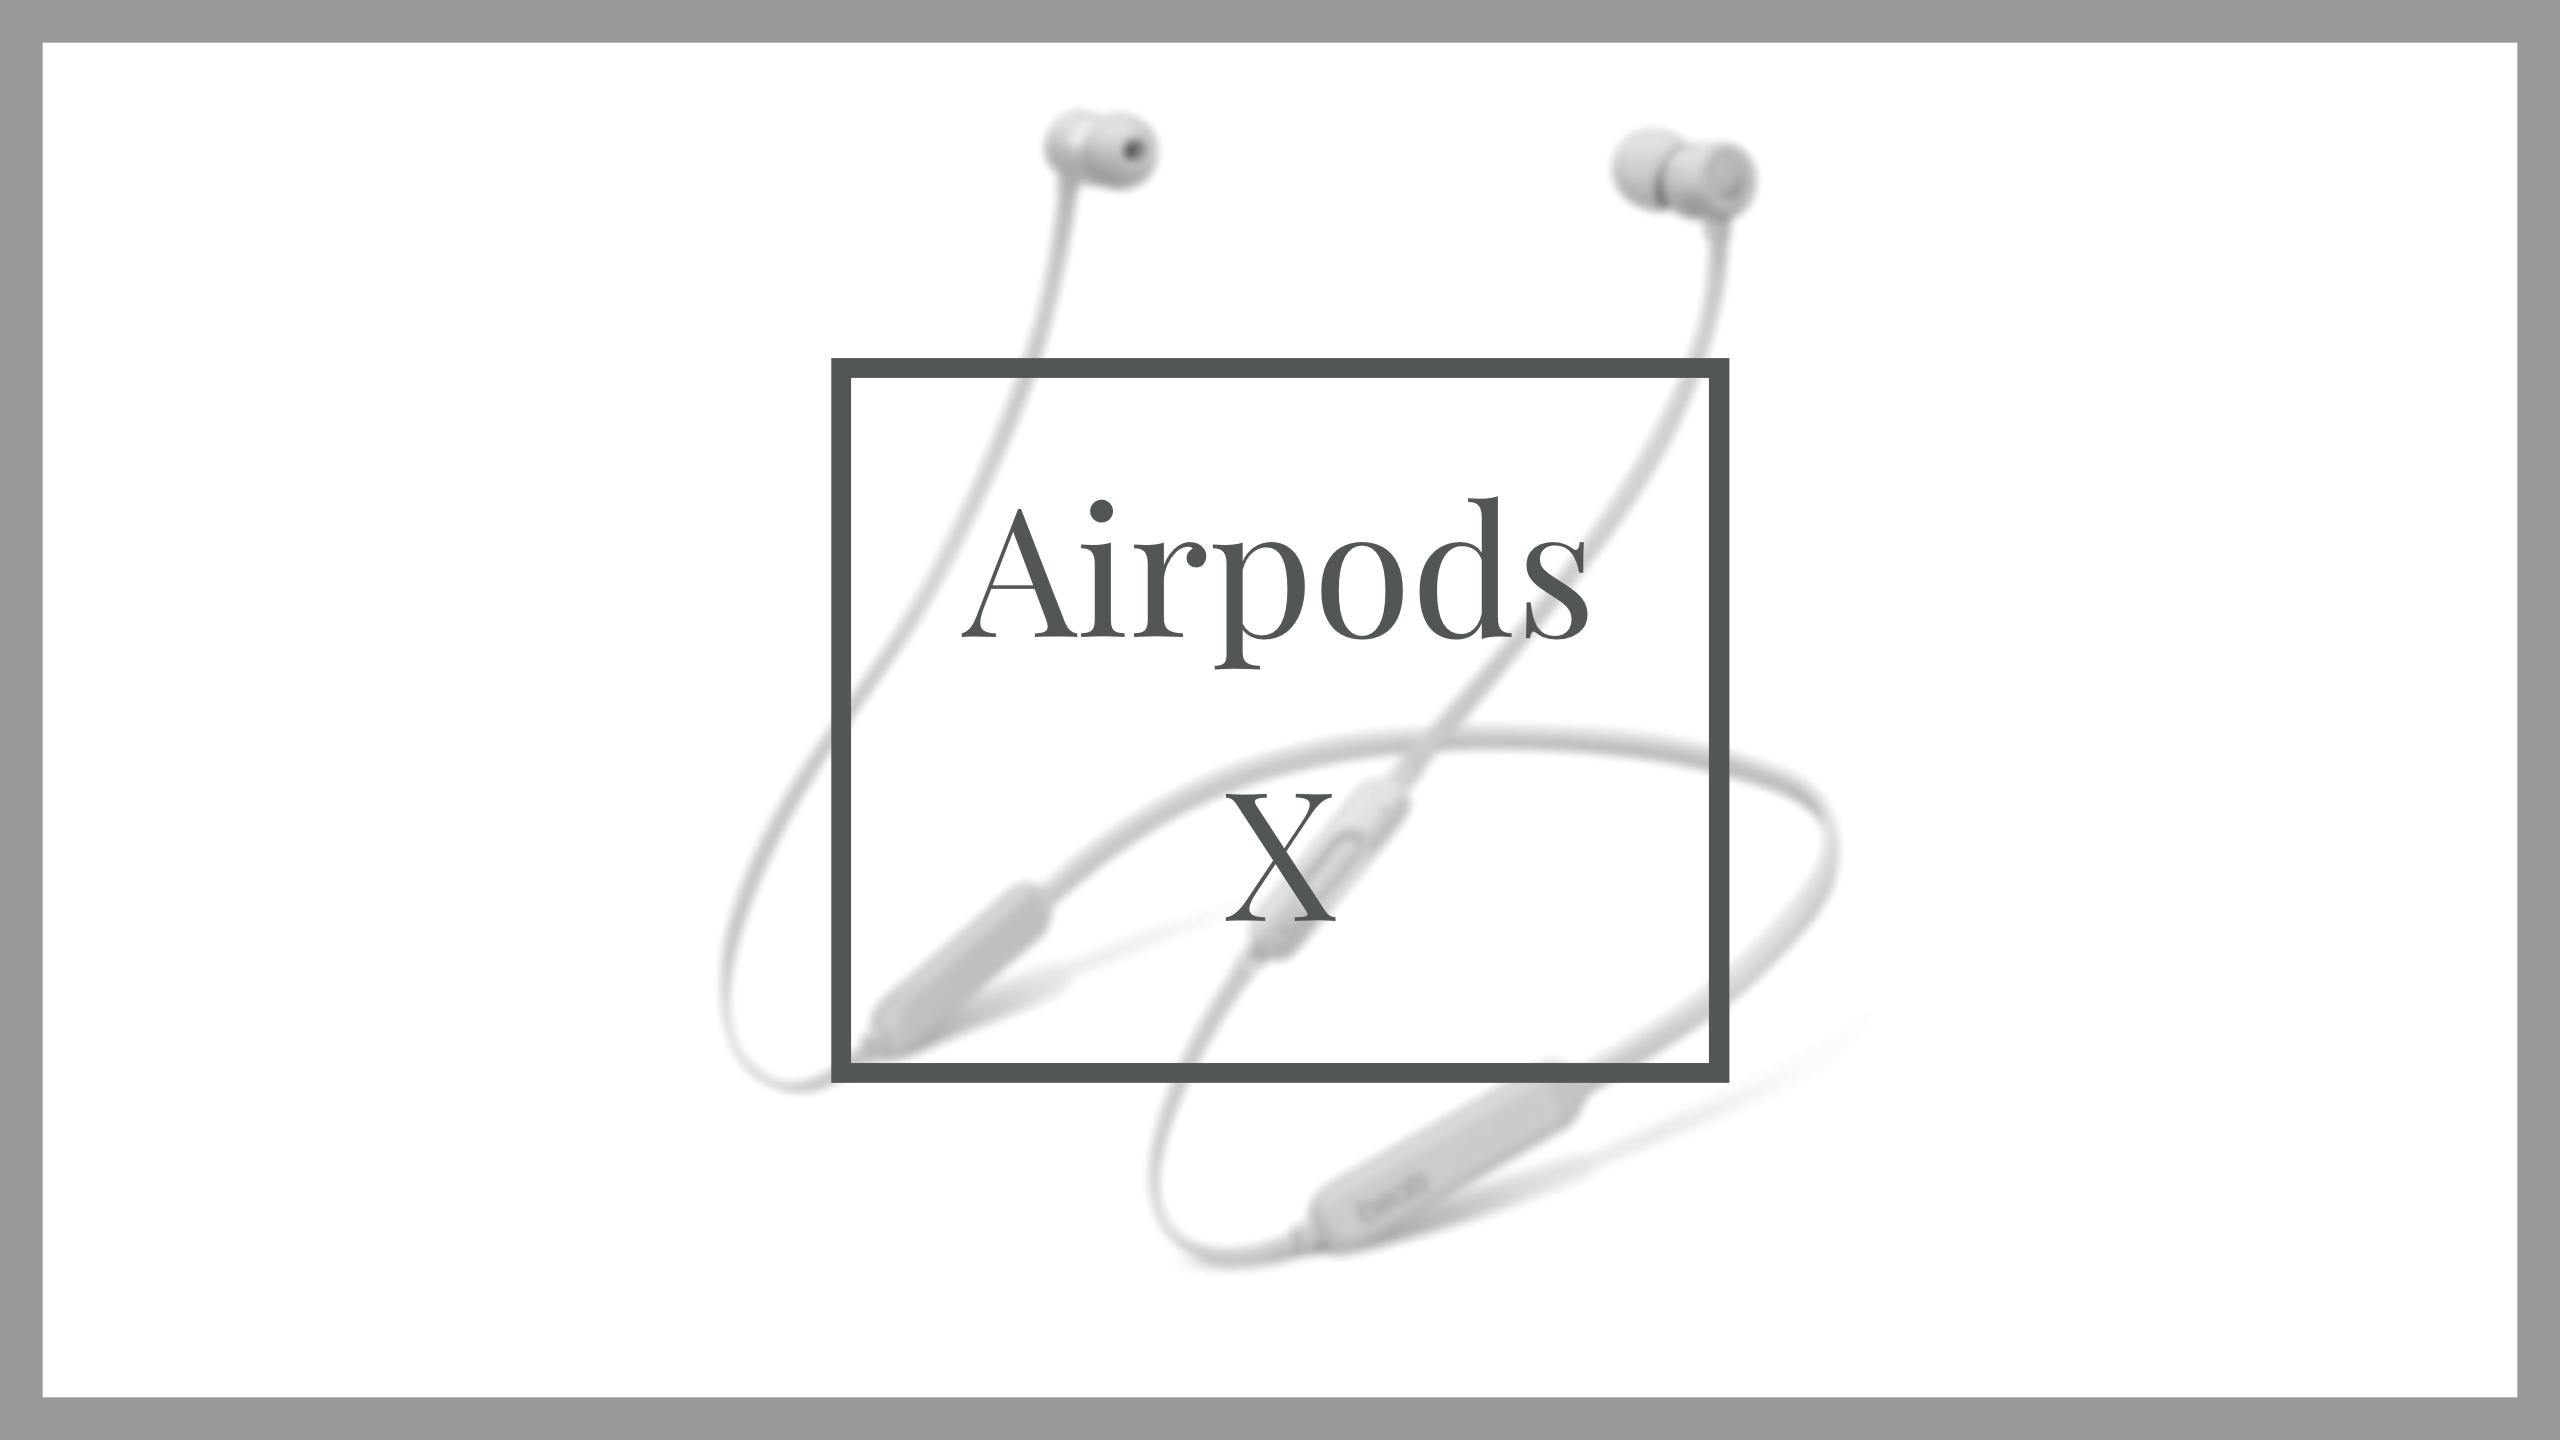 Airpods XとヘッドホンがAppleから2020年に登場!?気になる発売時期や価格は?